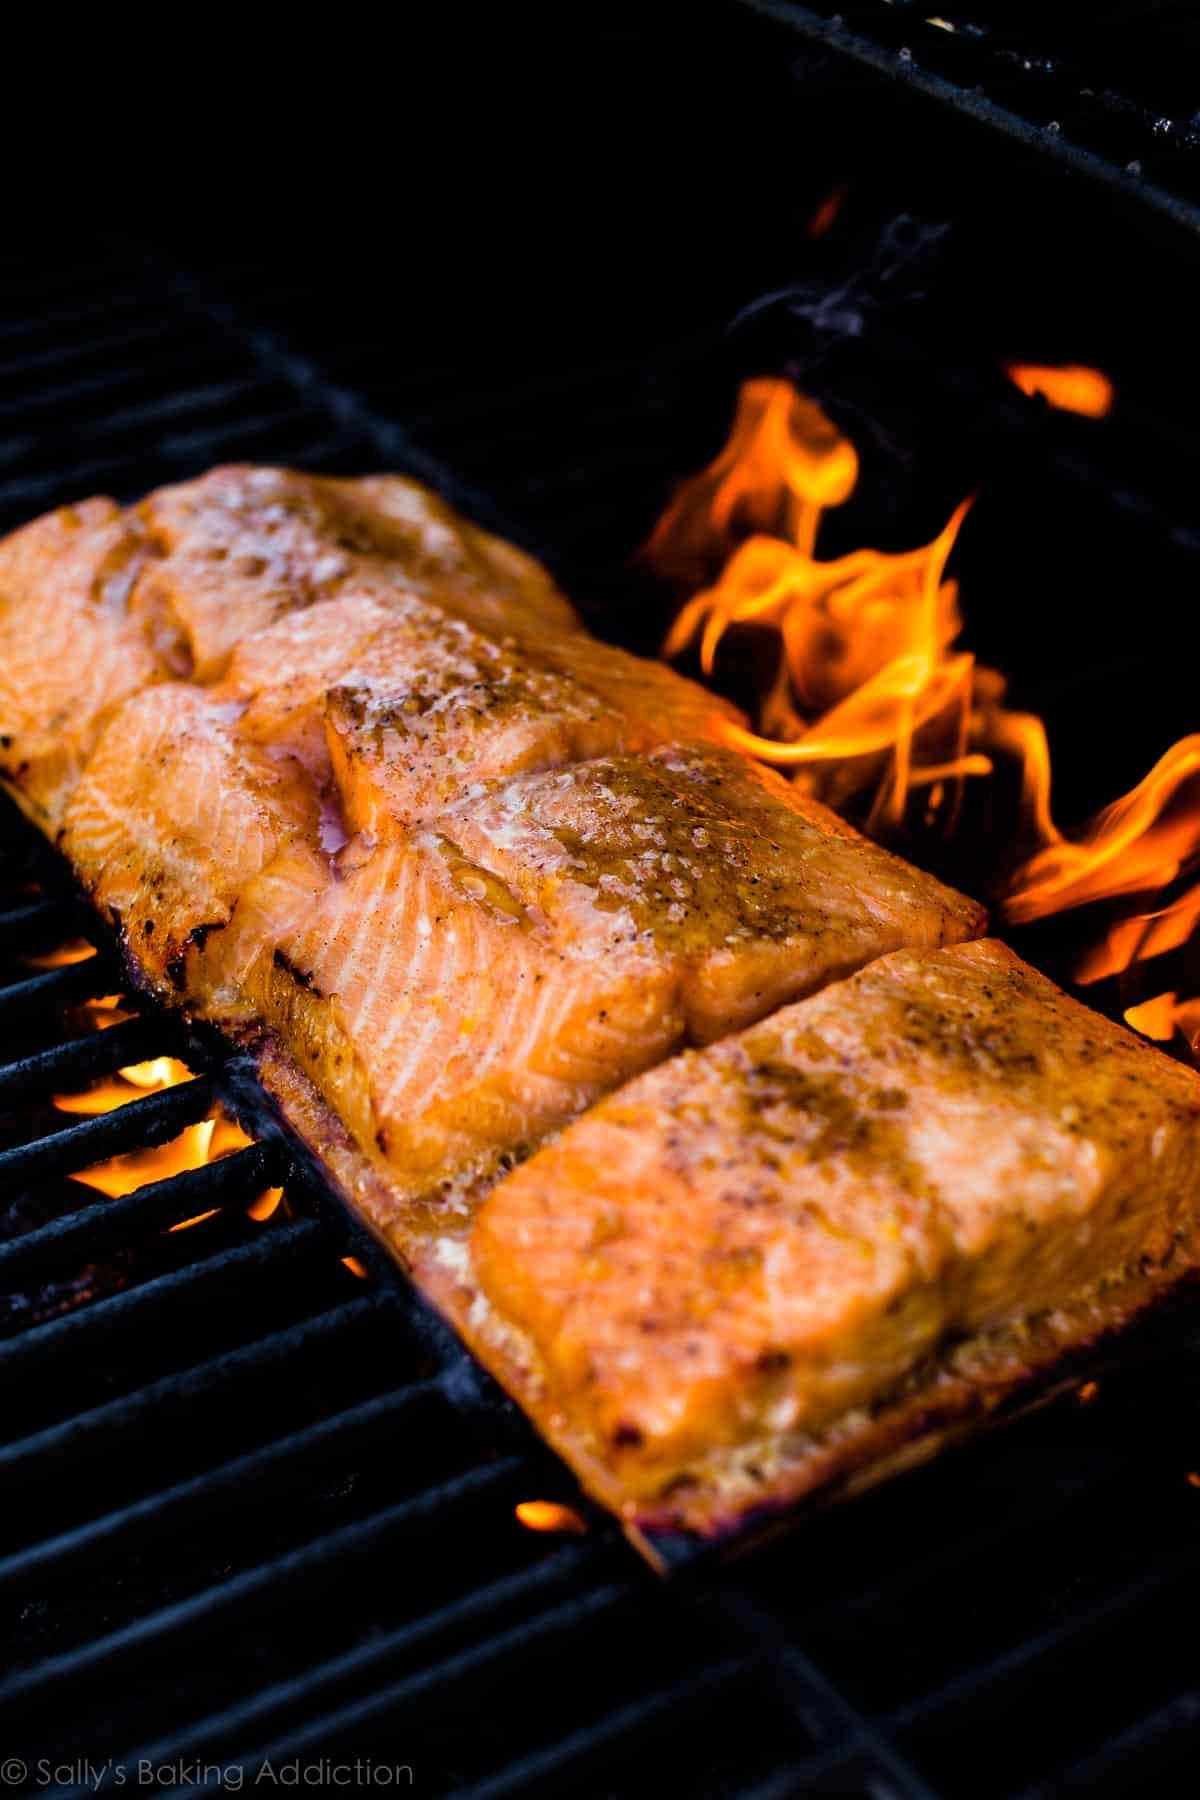 Salmon on the grill on sallysbakingaddiction.com